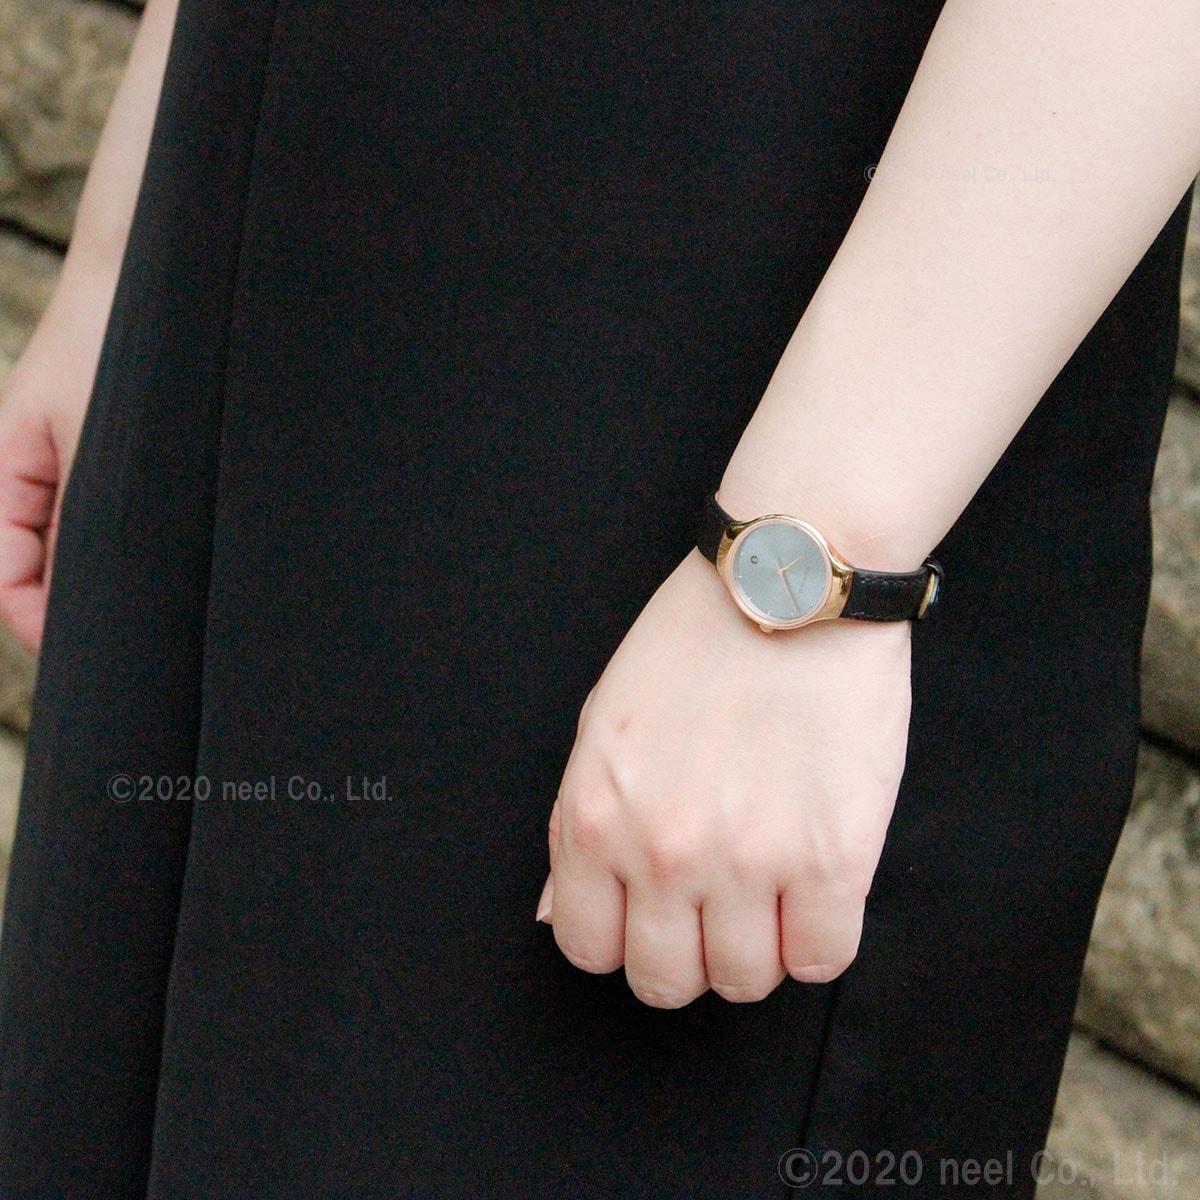 ベーリング BERING 日本限定モデル 腕時計 ペアウォッチ レディース リュクスアイスブルー Luxe Ice Blue 13326-468